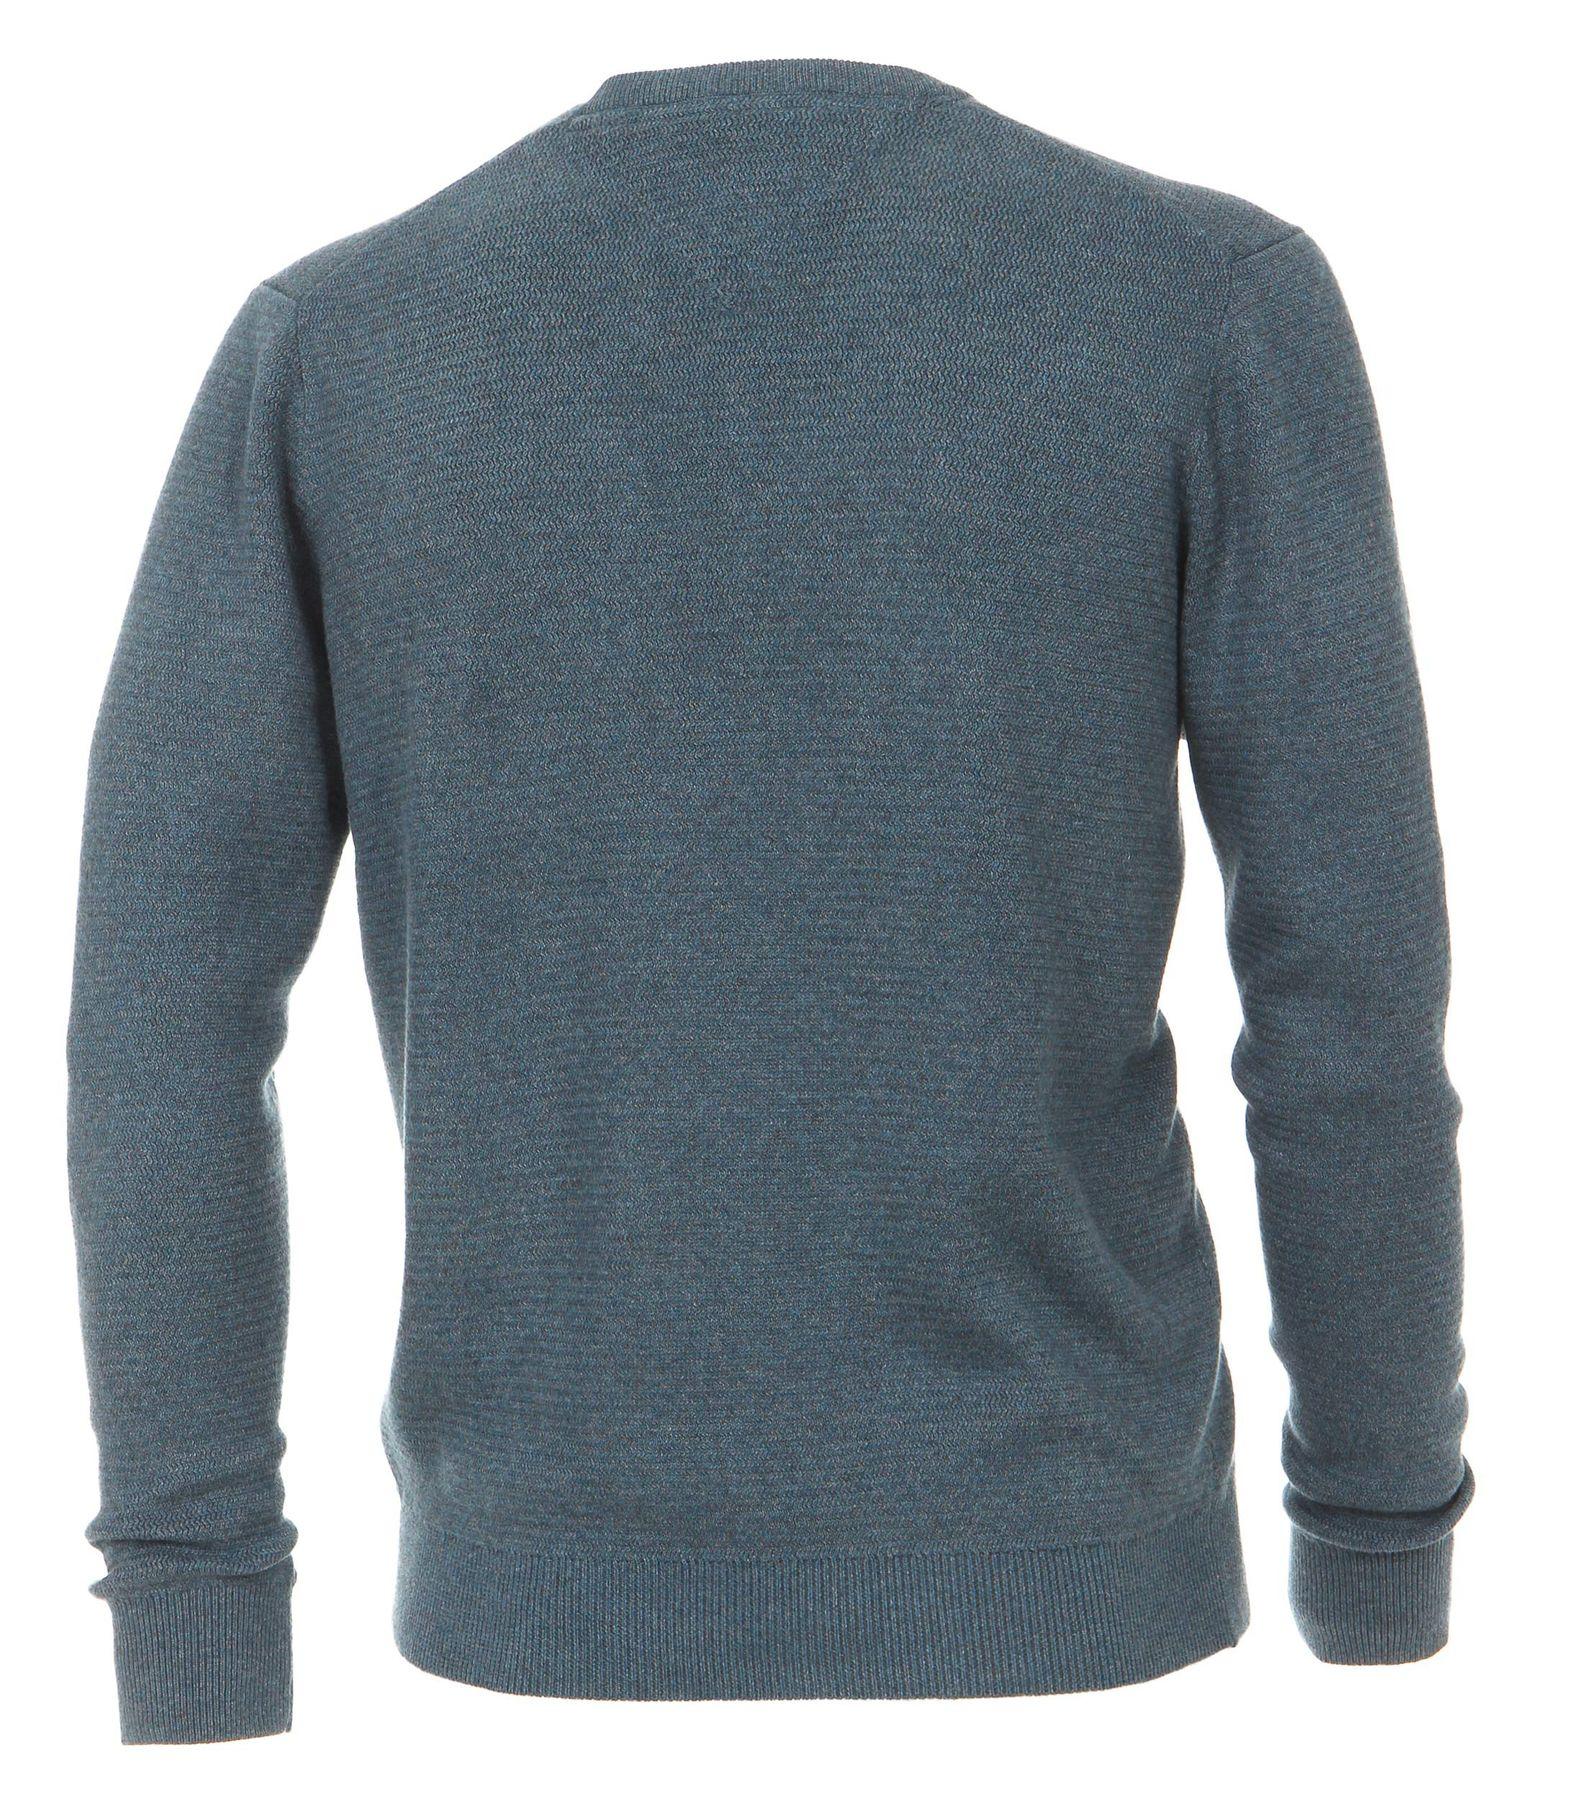 Casa Moda - Herren Pullover mit V-Ausschnitt in Melange Optik (462521200A) – Bild 2